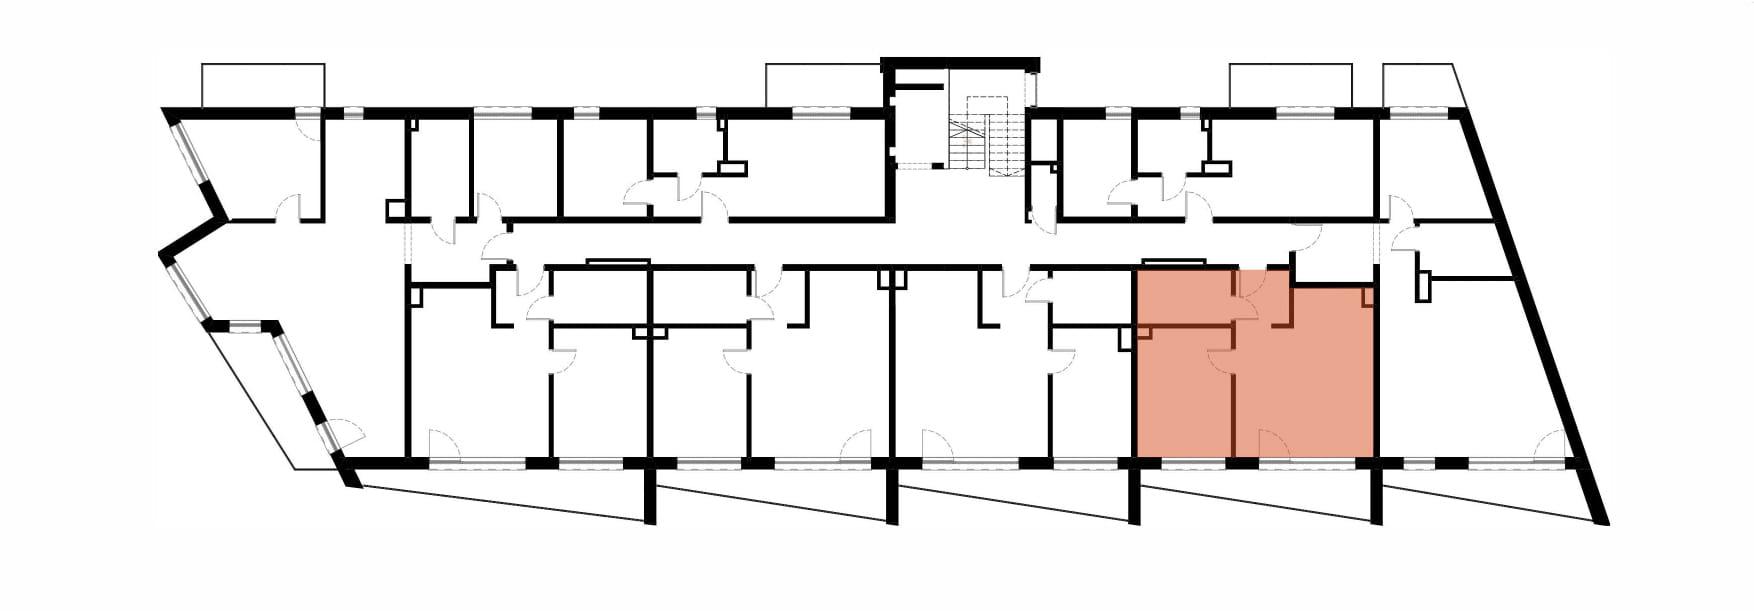 Apartamenty Kamienna / apartamenty inwestycyjne M18 rzut 2